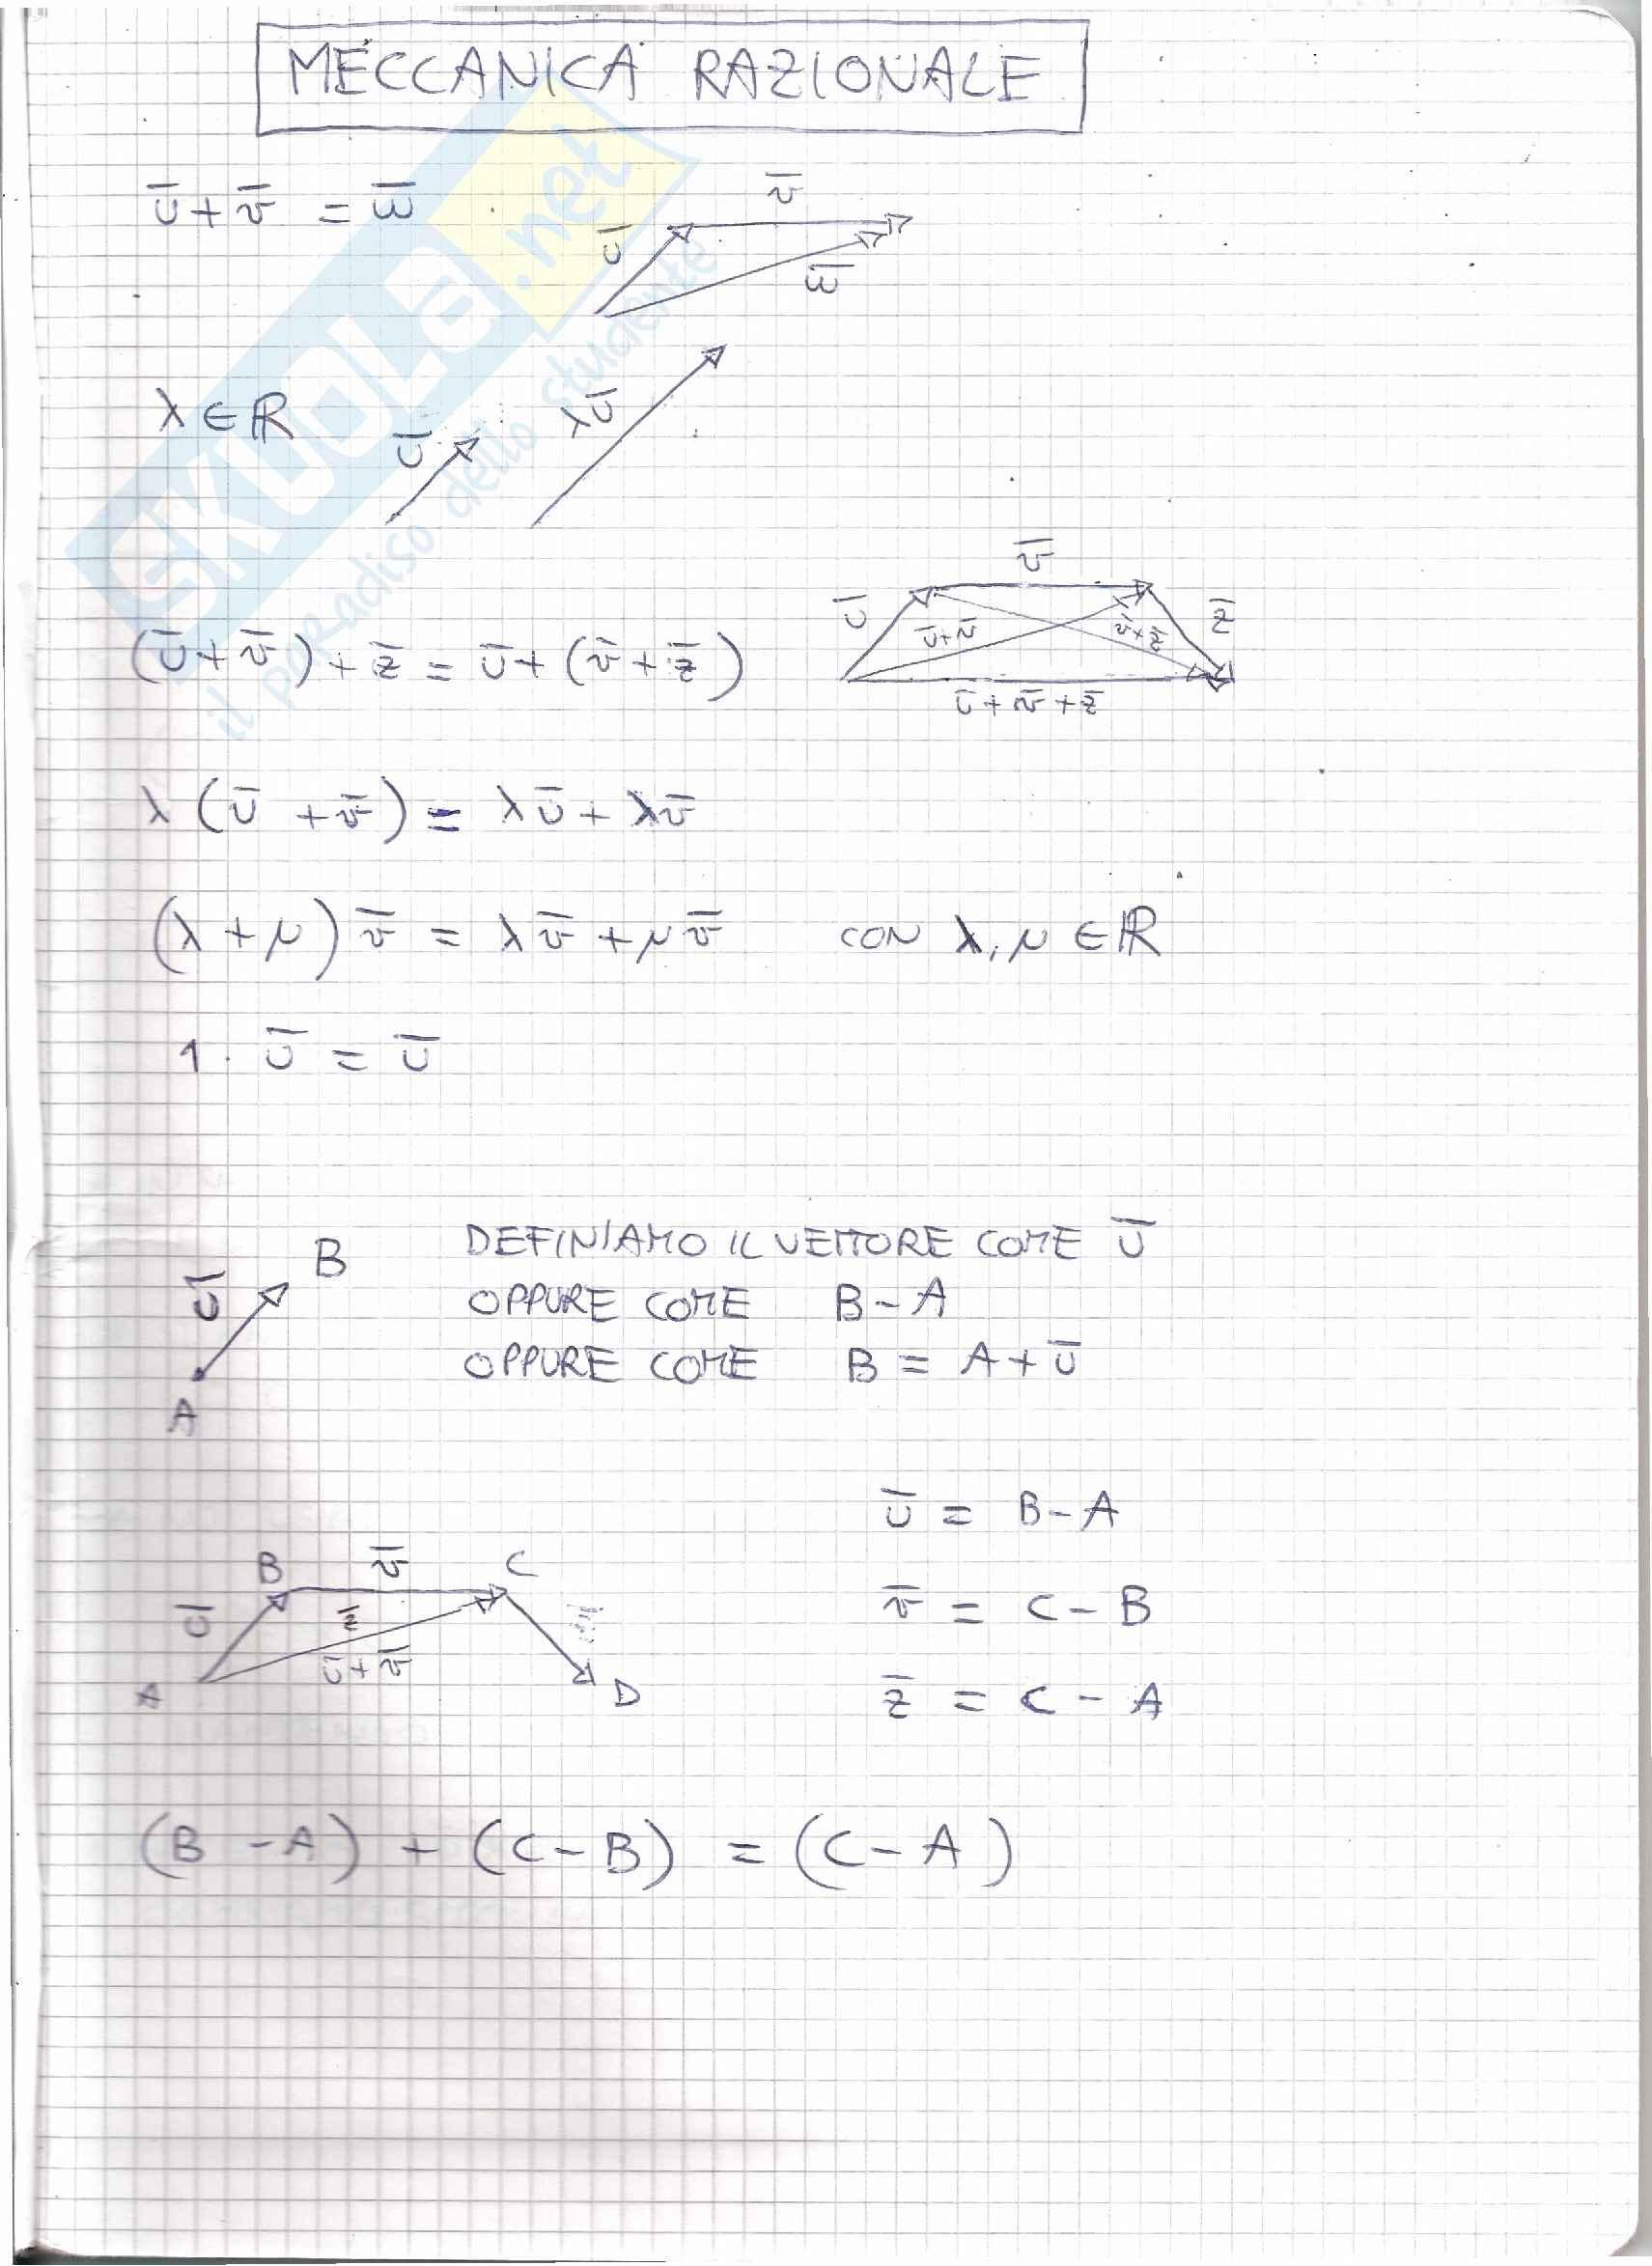 Meccanica Razionale T - Appunti